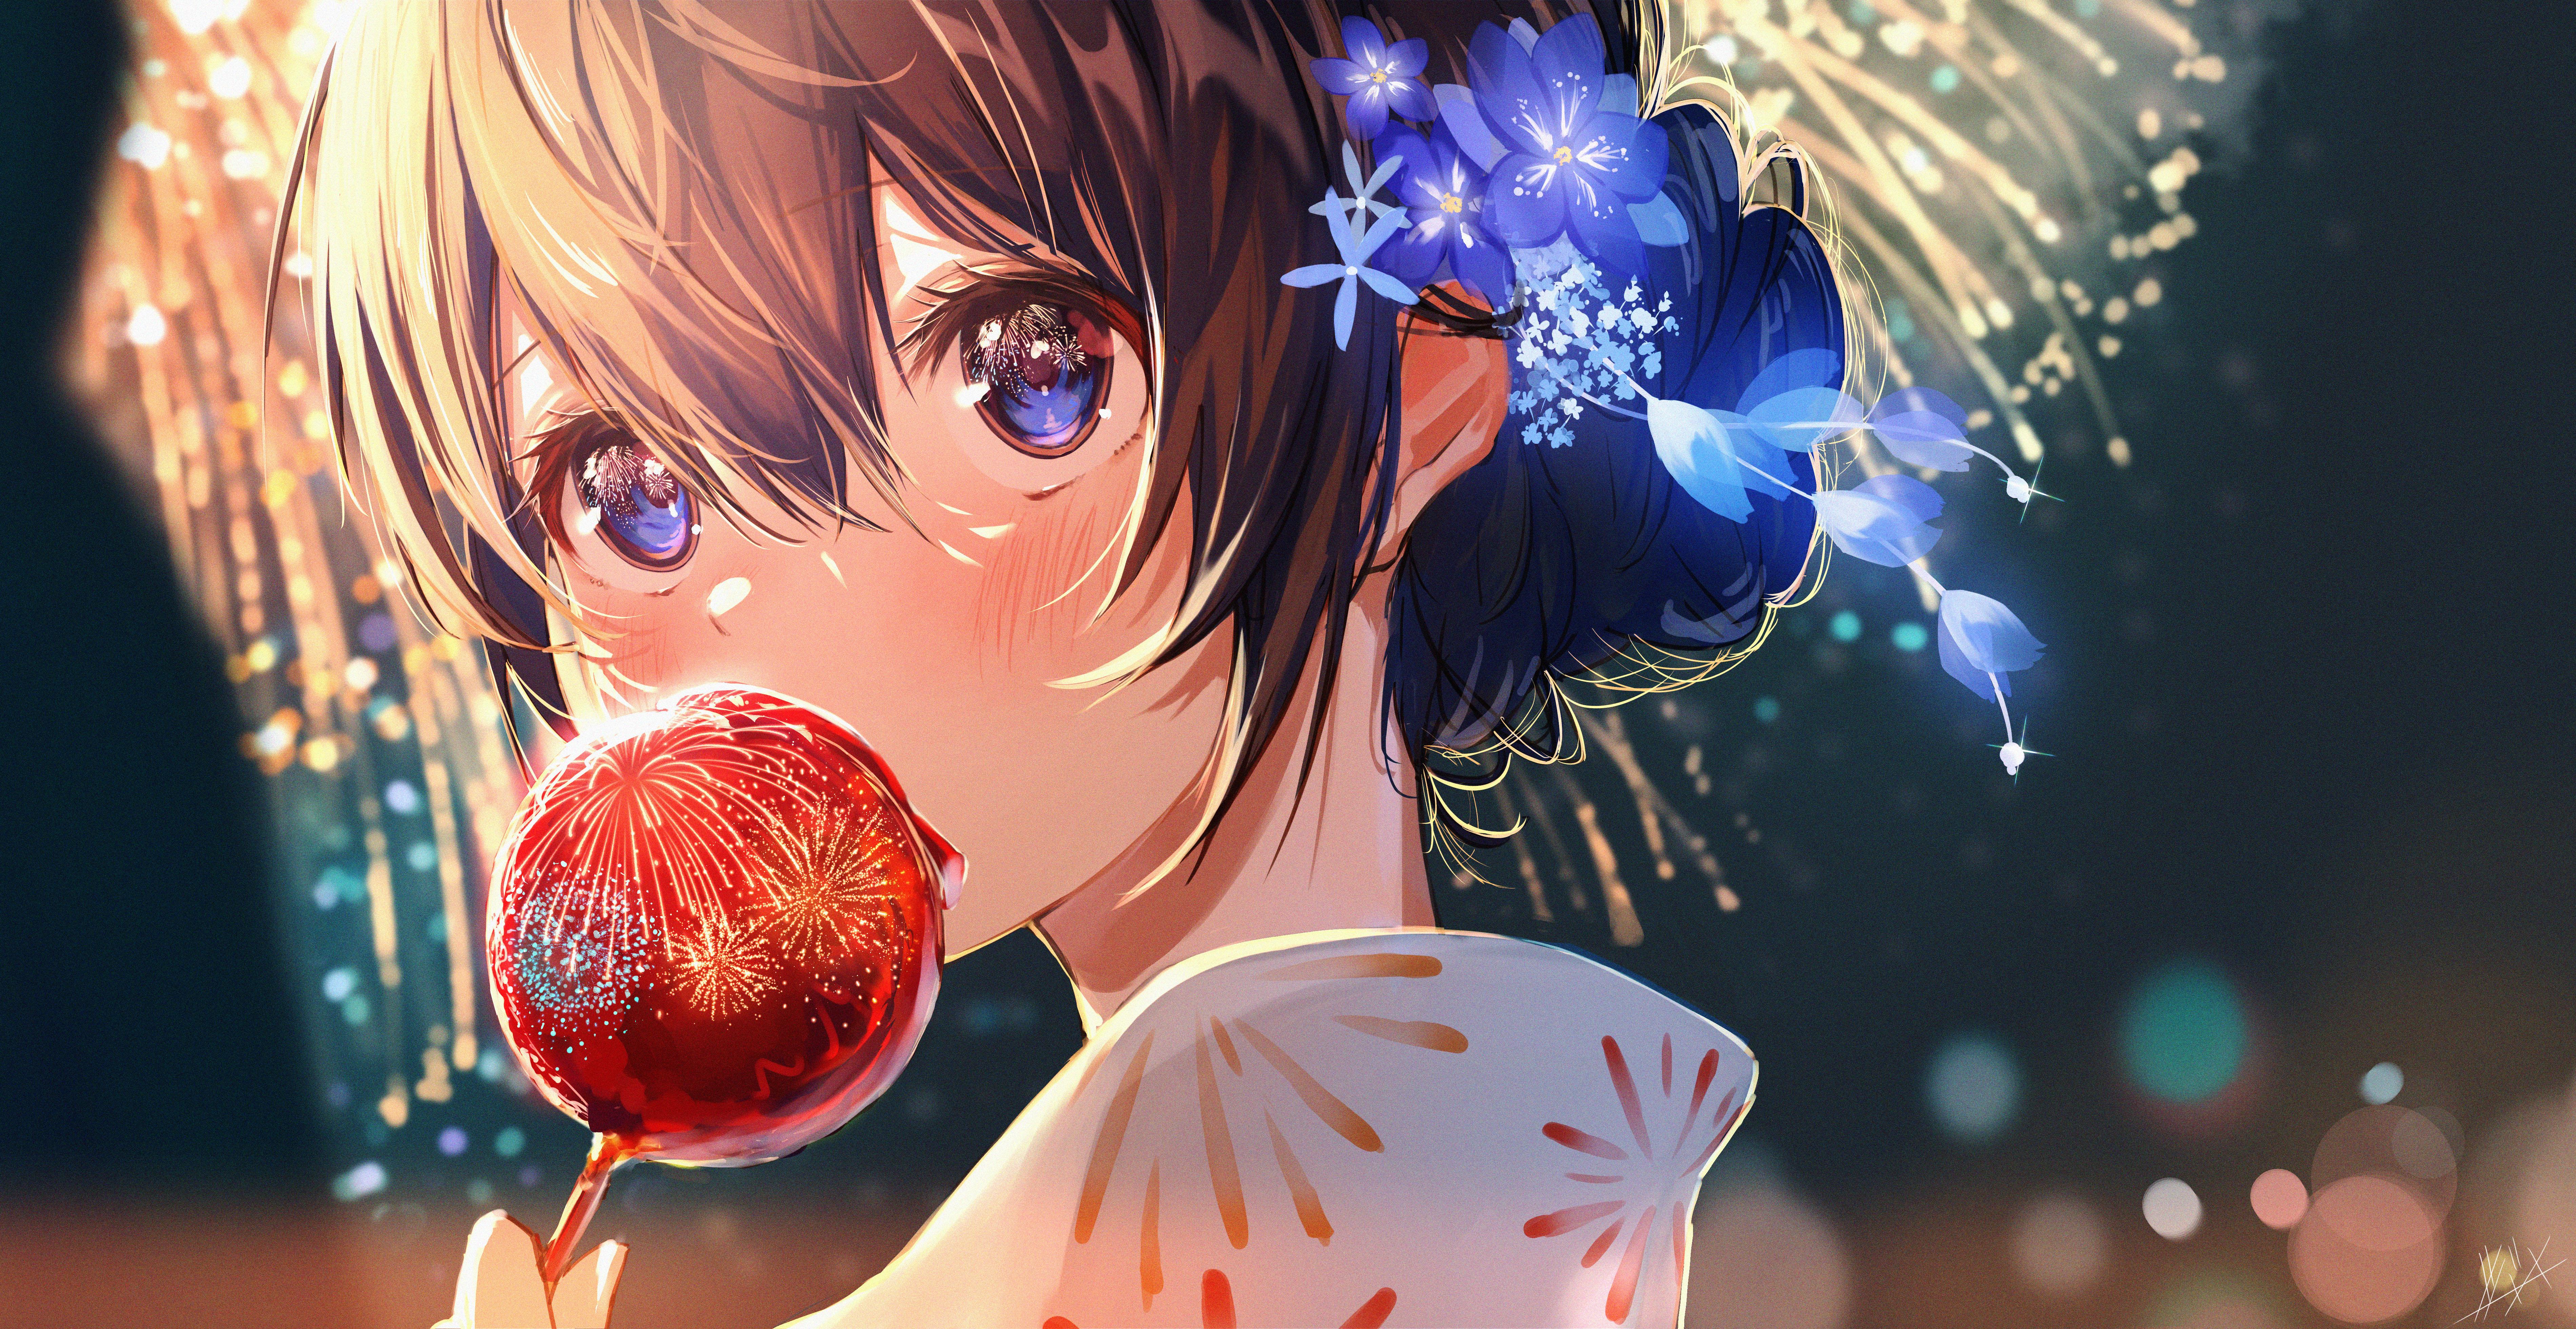 Anime Anime Girls Yukata Flower In Hair Brunette Fireworks Eating Blue Eyes Depth Of Field Looking A 7600x3920